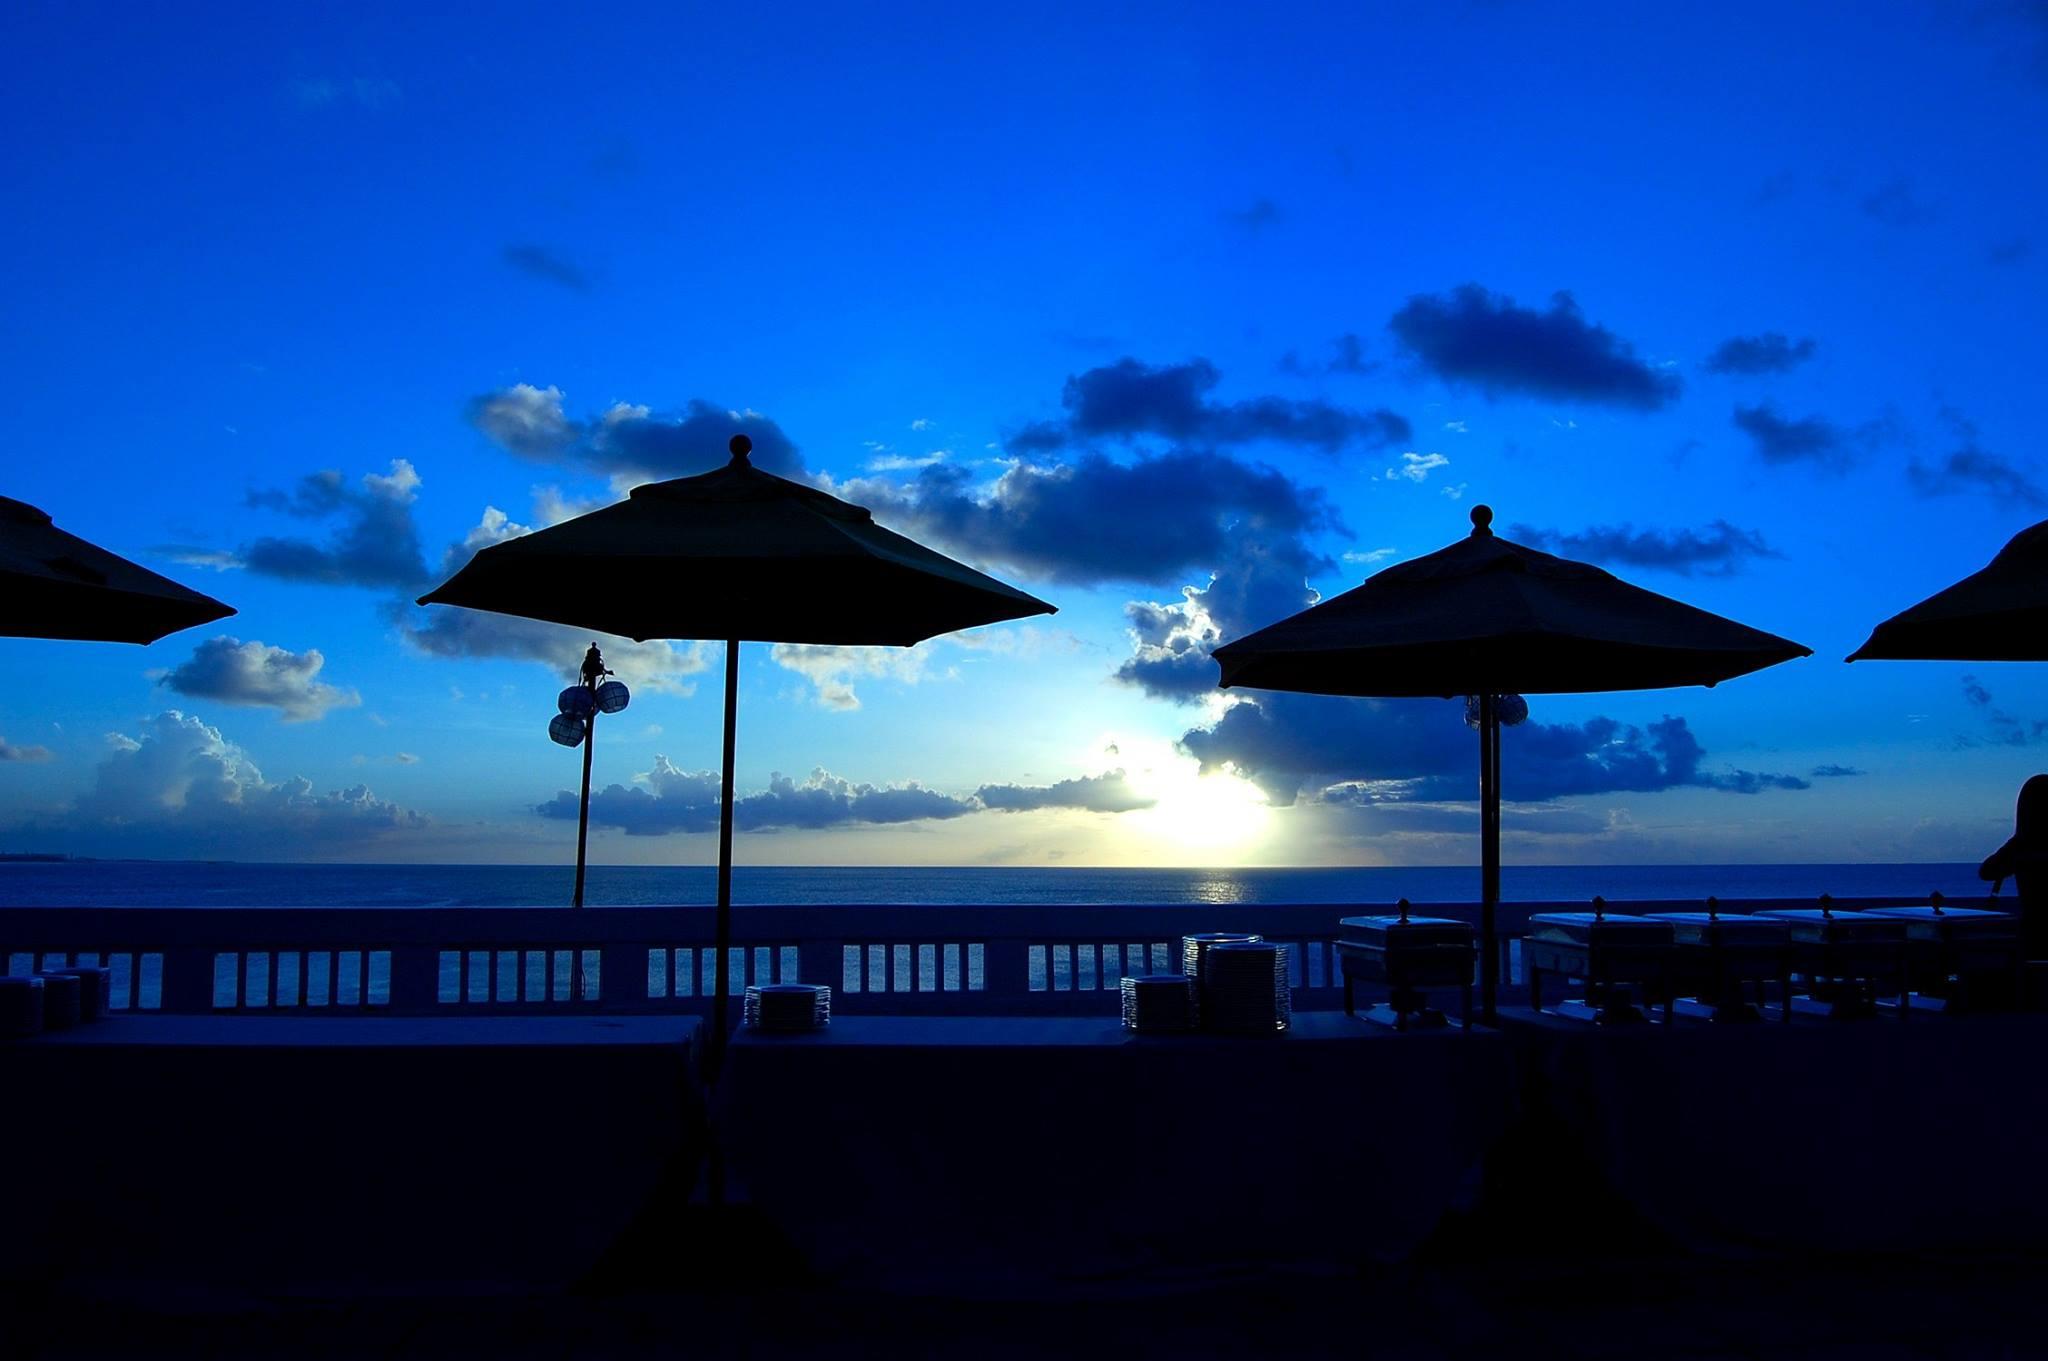 Sunset Blue   _d0239242_10124698.jpg